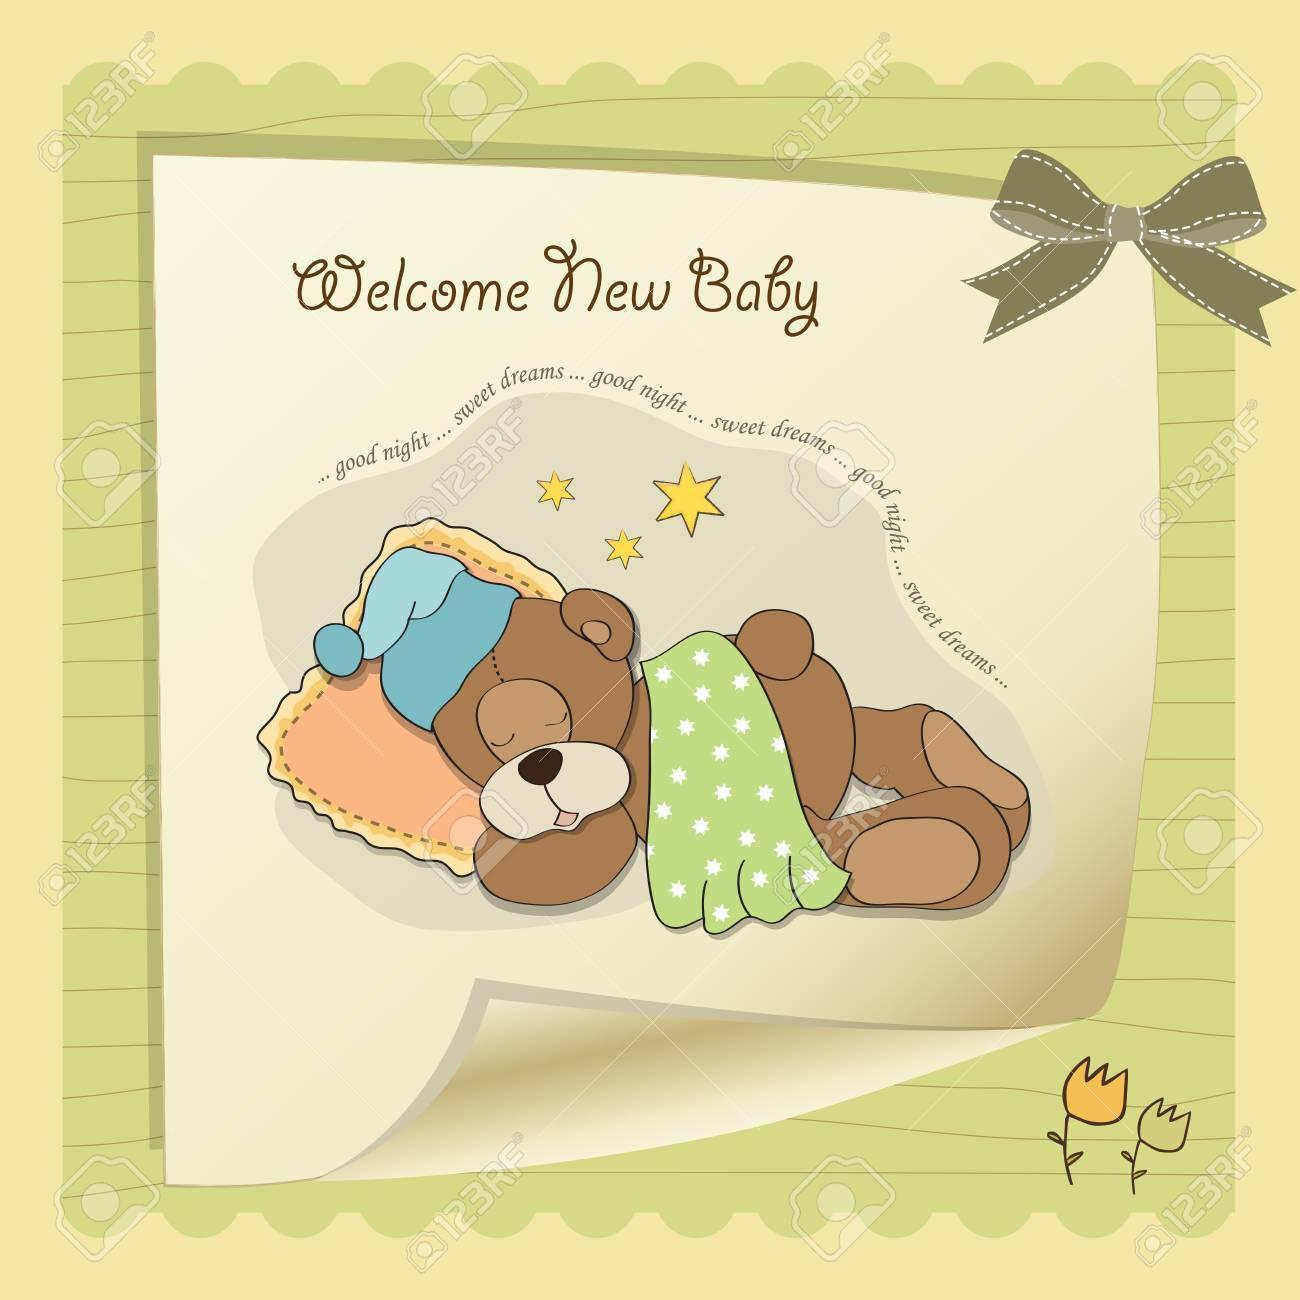 baby shower card with sleeping teddy bear Stock Vector - 17671448